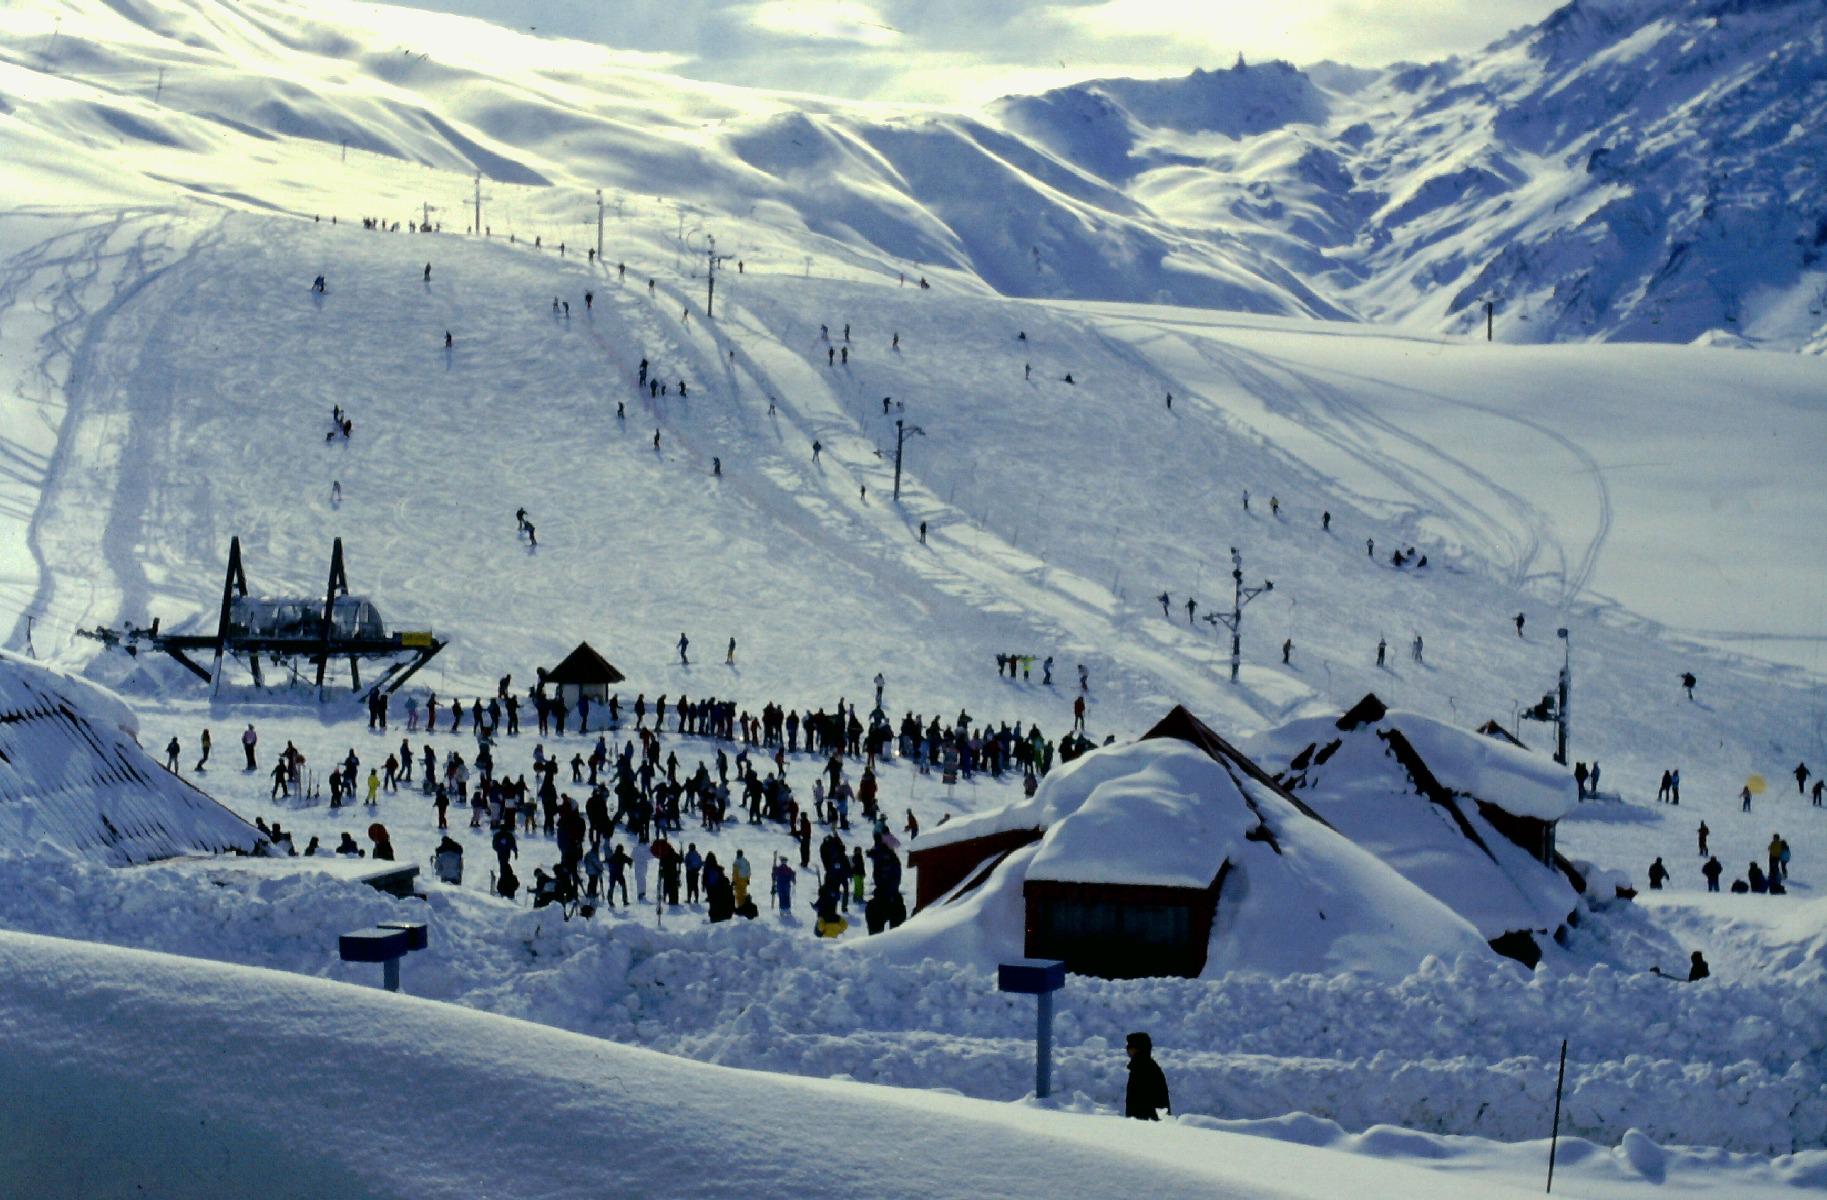 Letné lyžiarske stredisko Las Lenas, Argentína